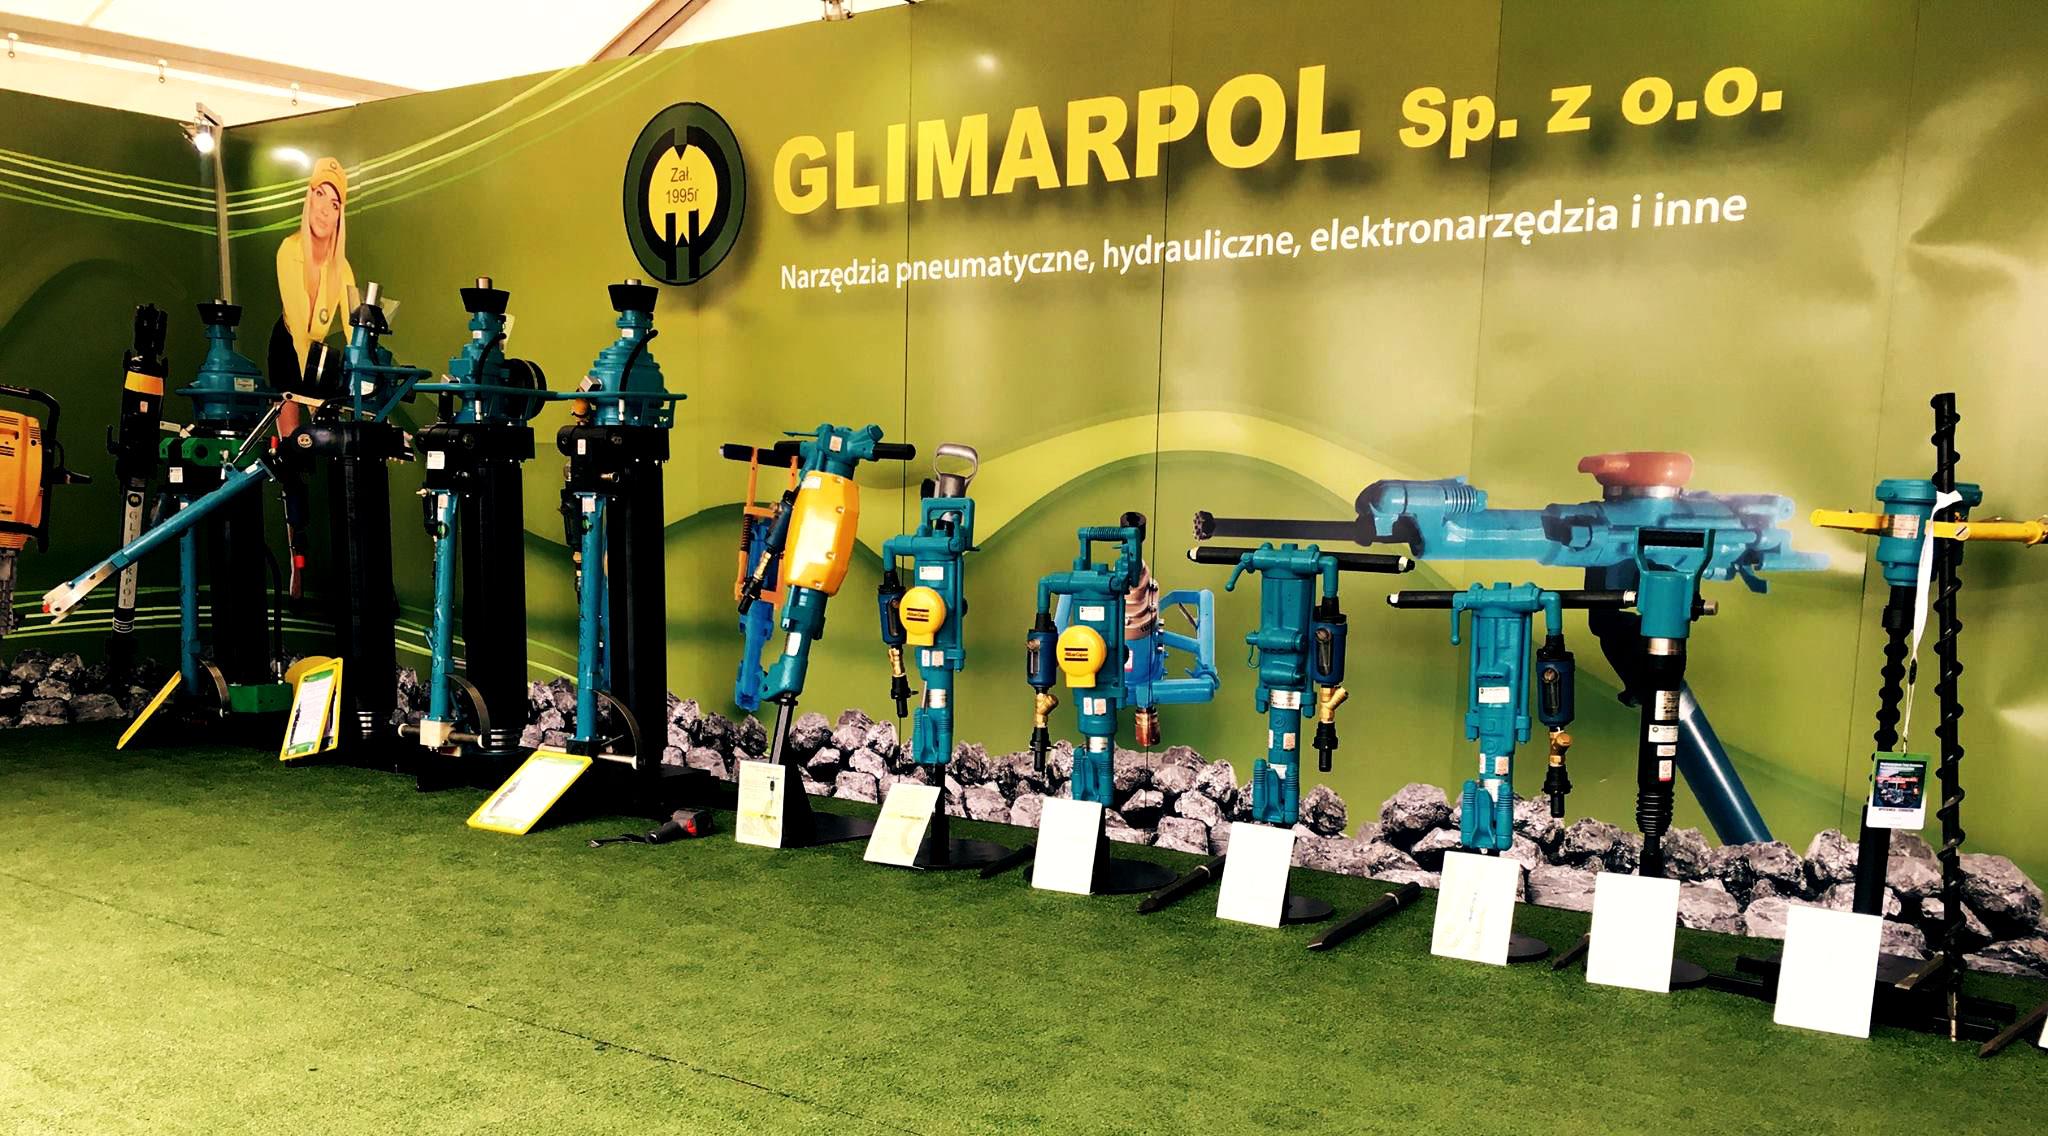 Glimarpol - narzedzia, elektronarzędzia